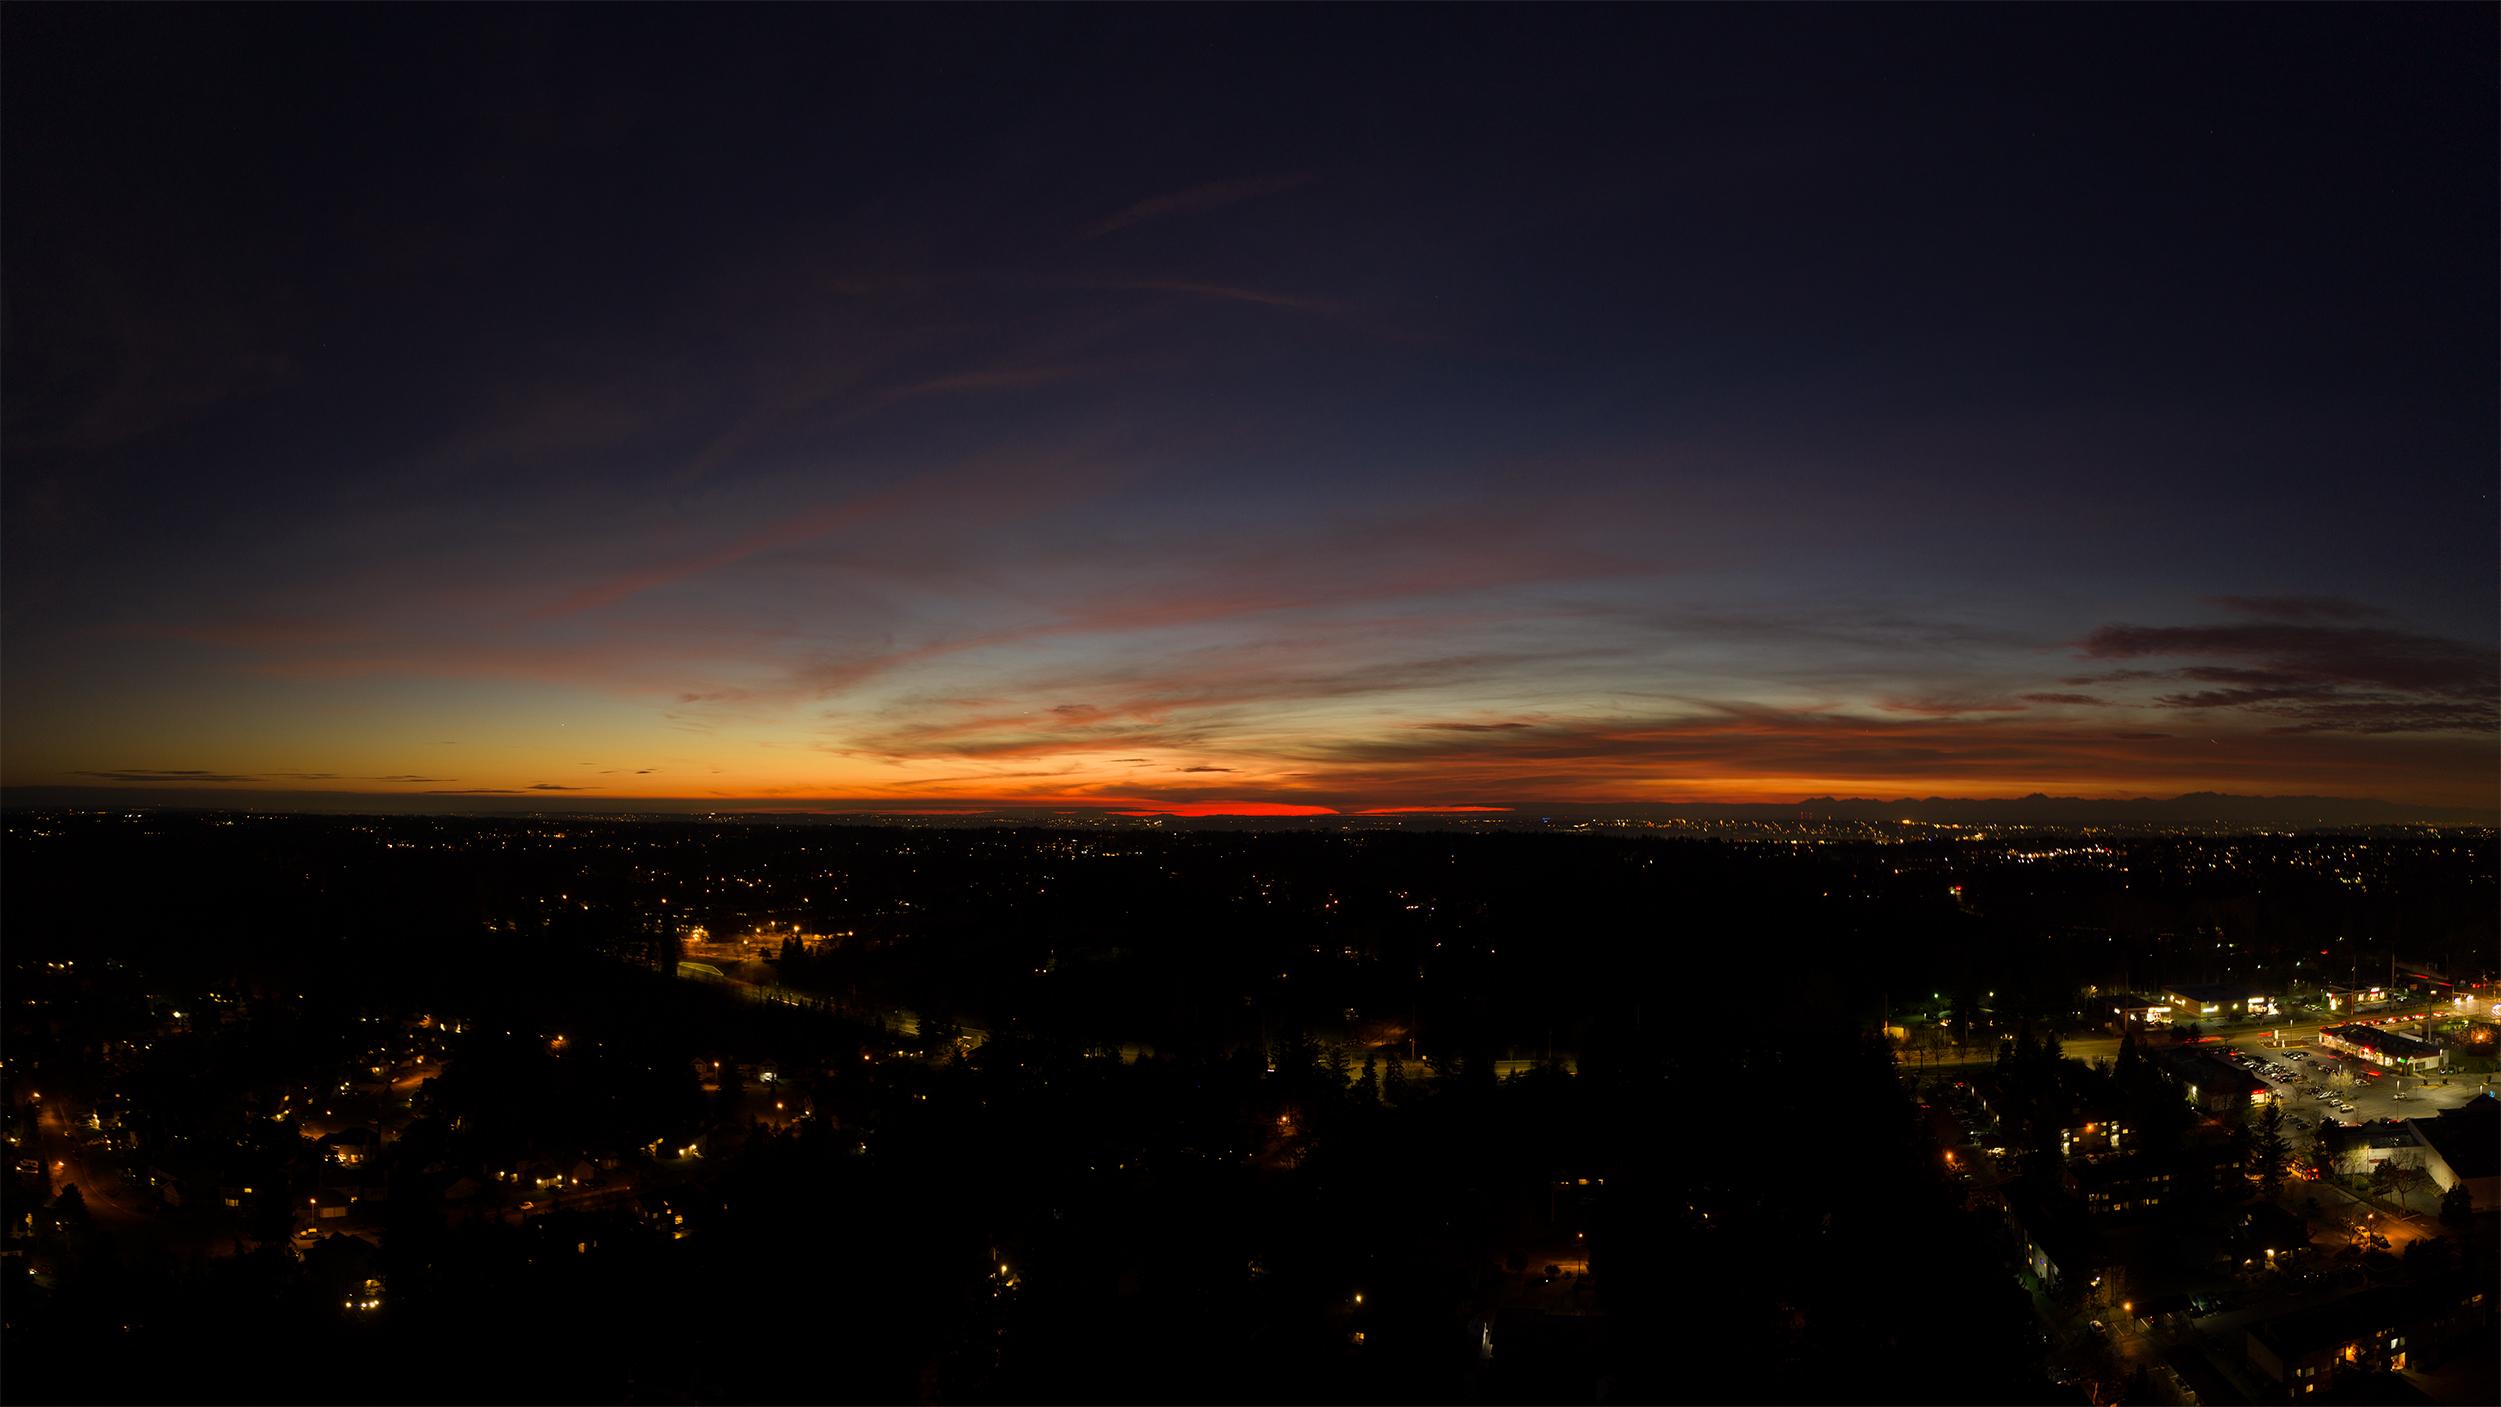 01_26_2019_Fairwood_Sunset_9_Pano_SMALL.jpg